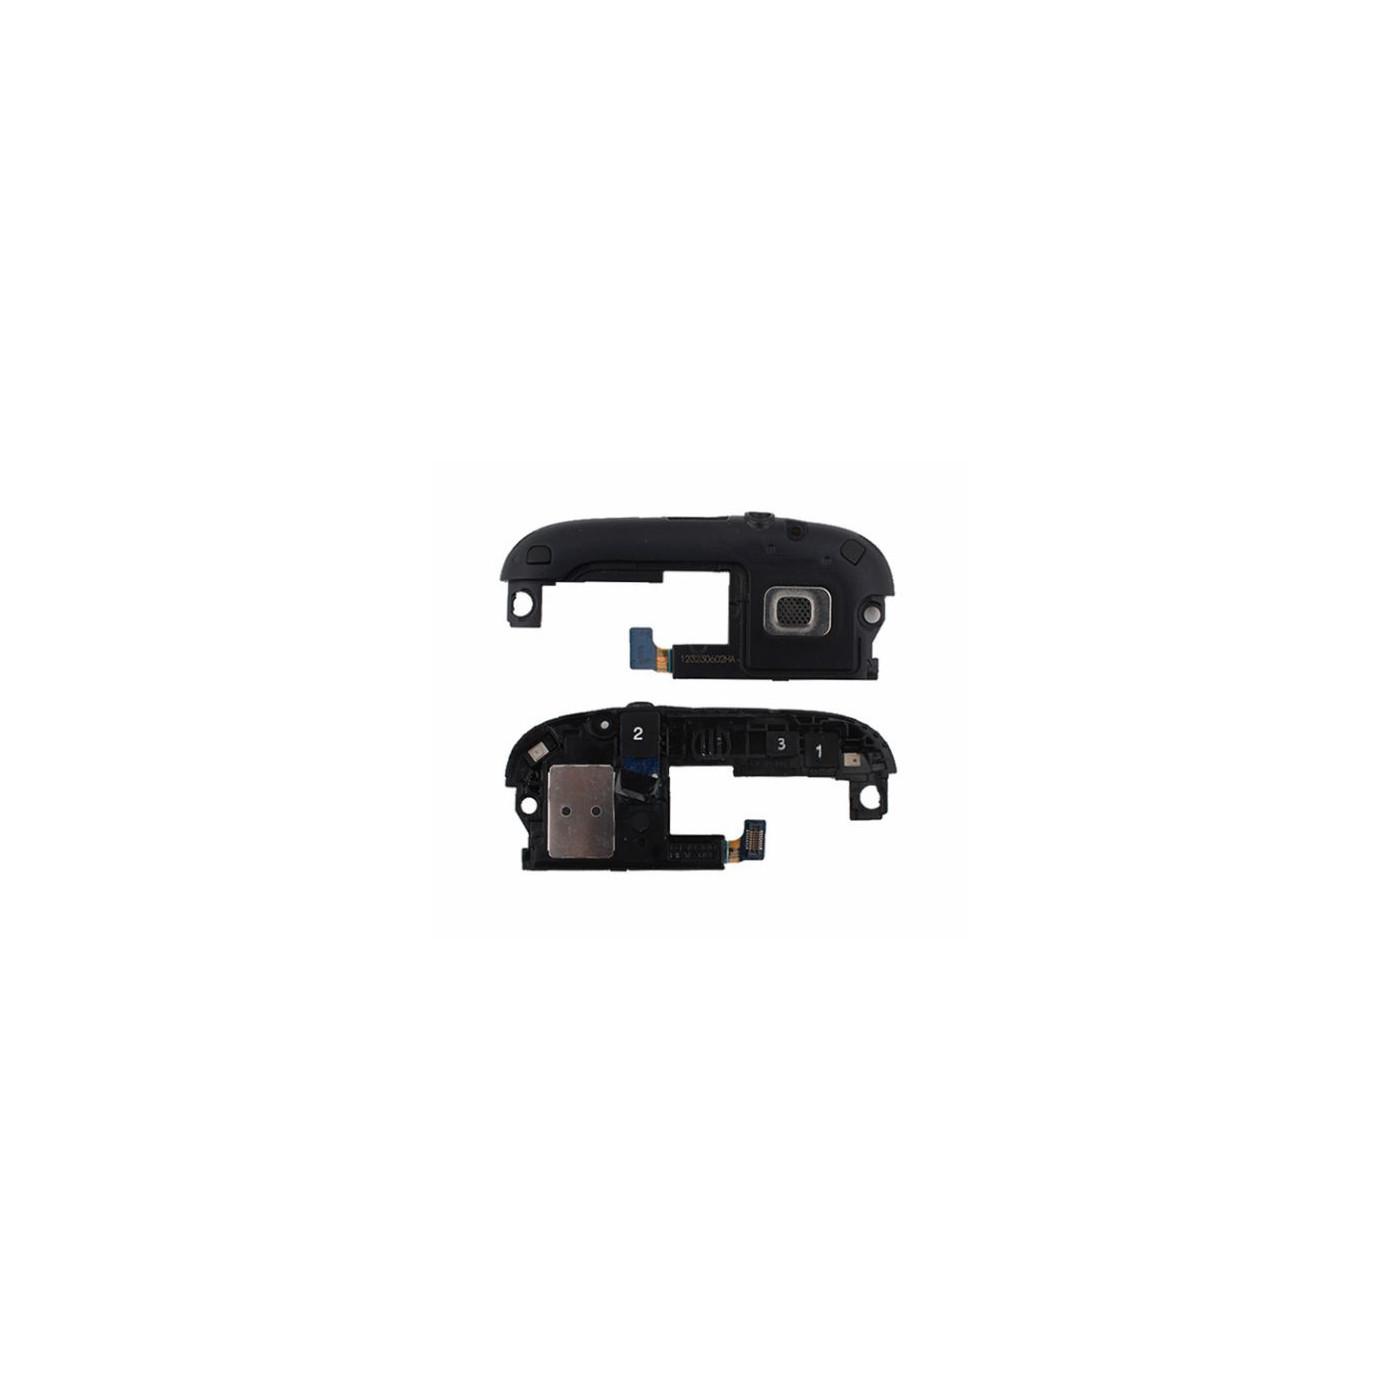 Haut-parleur plat pour Samsung I9300 Galaxy S3 Noir Haut-parleur mains libres